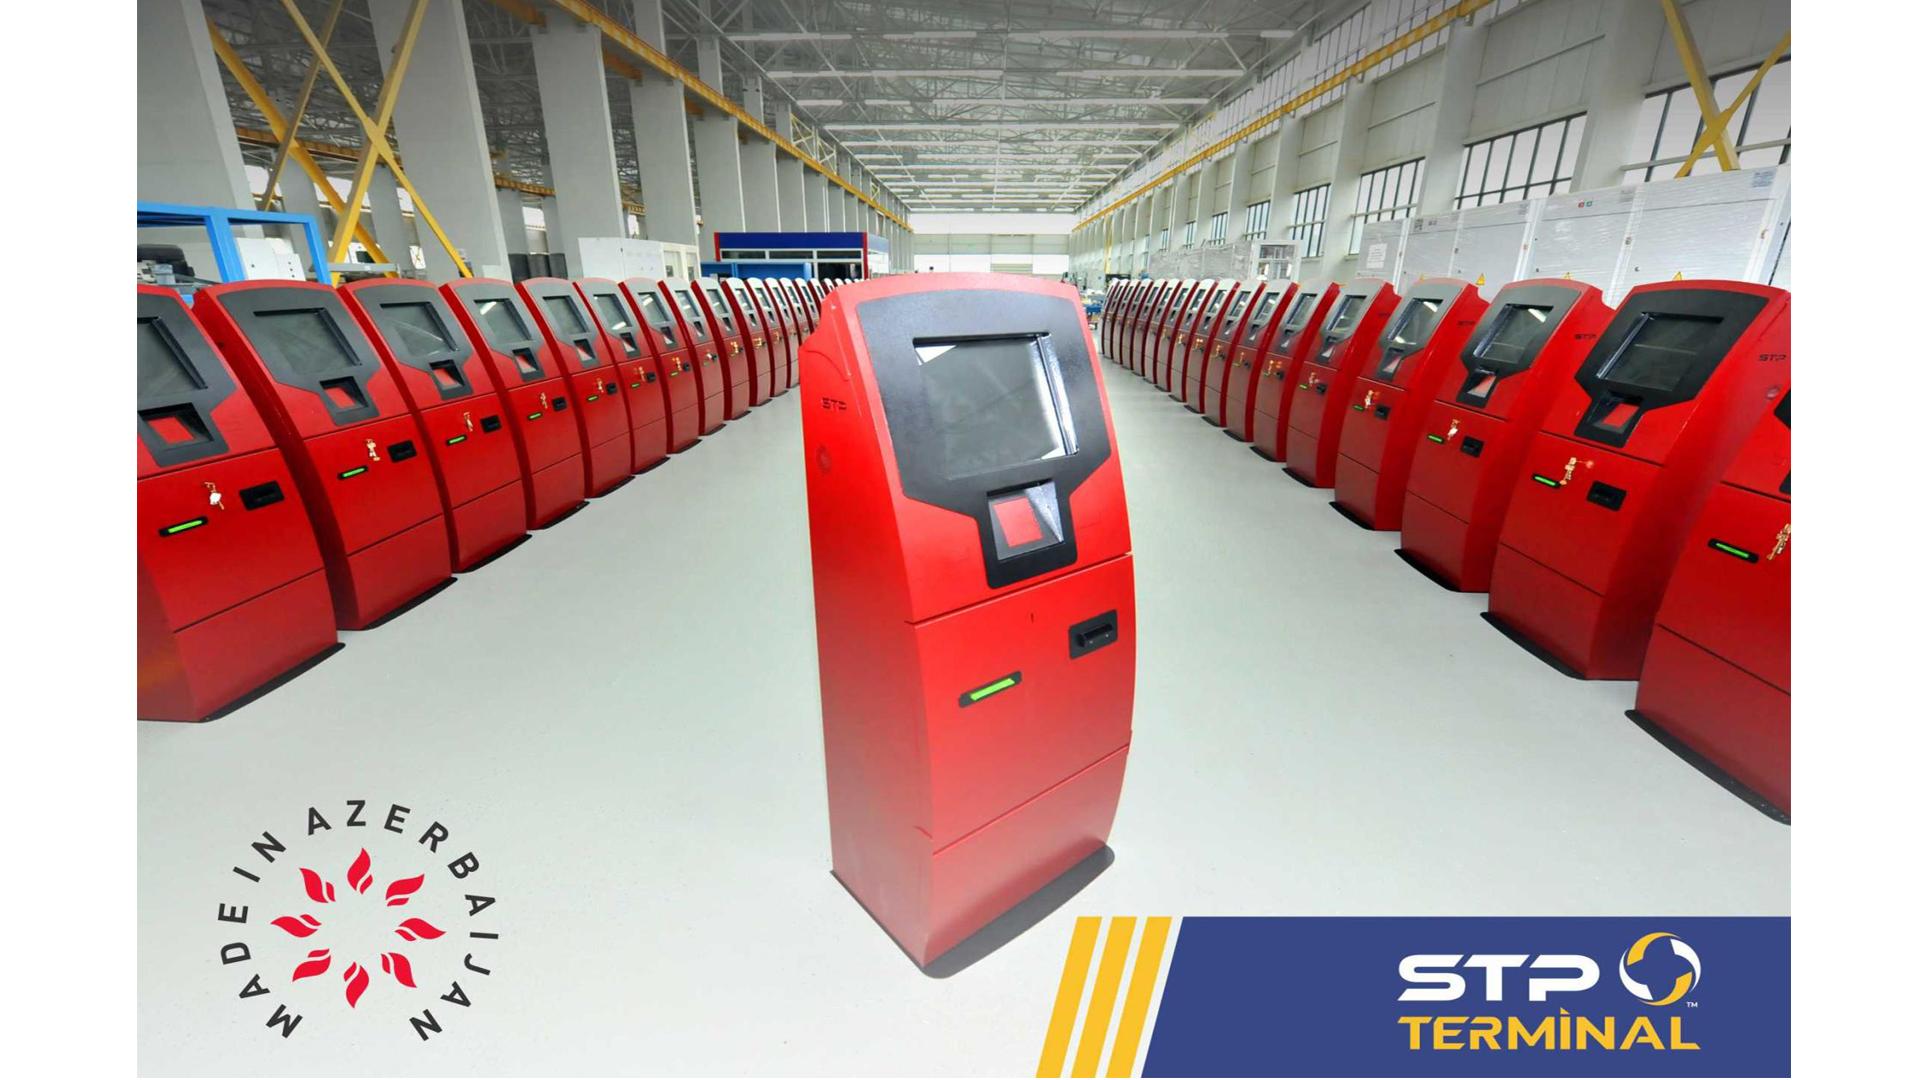 Vergiləri STP terminalları vasitəsilə ödəmək mümkün olacaq